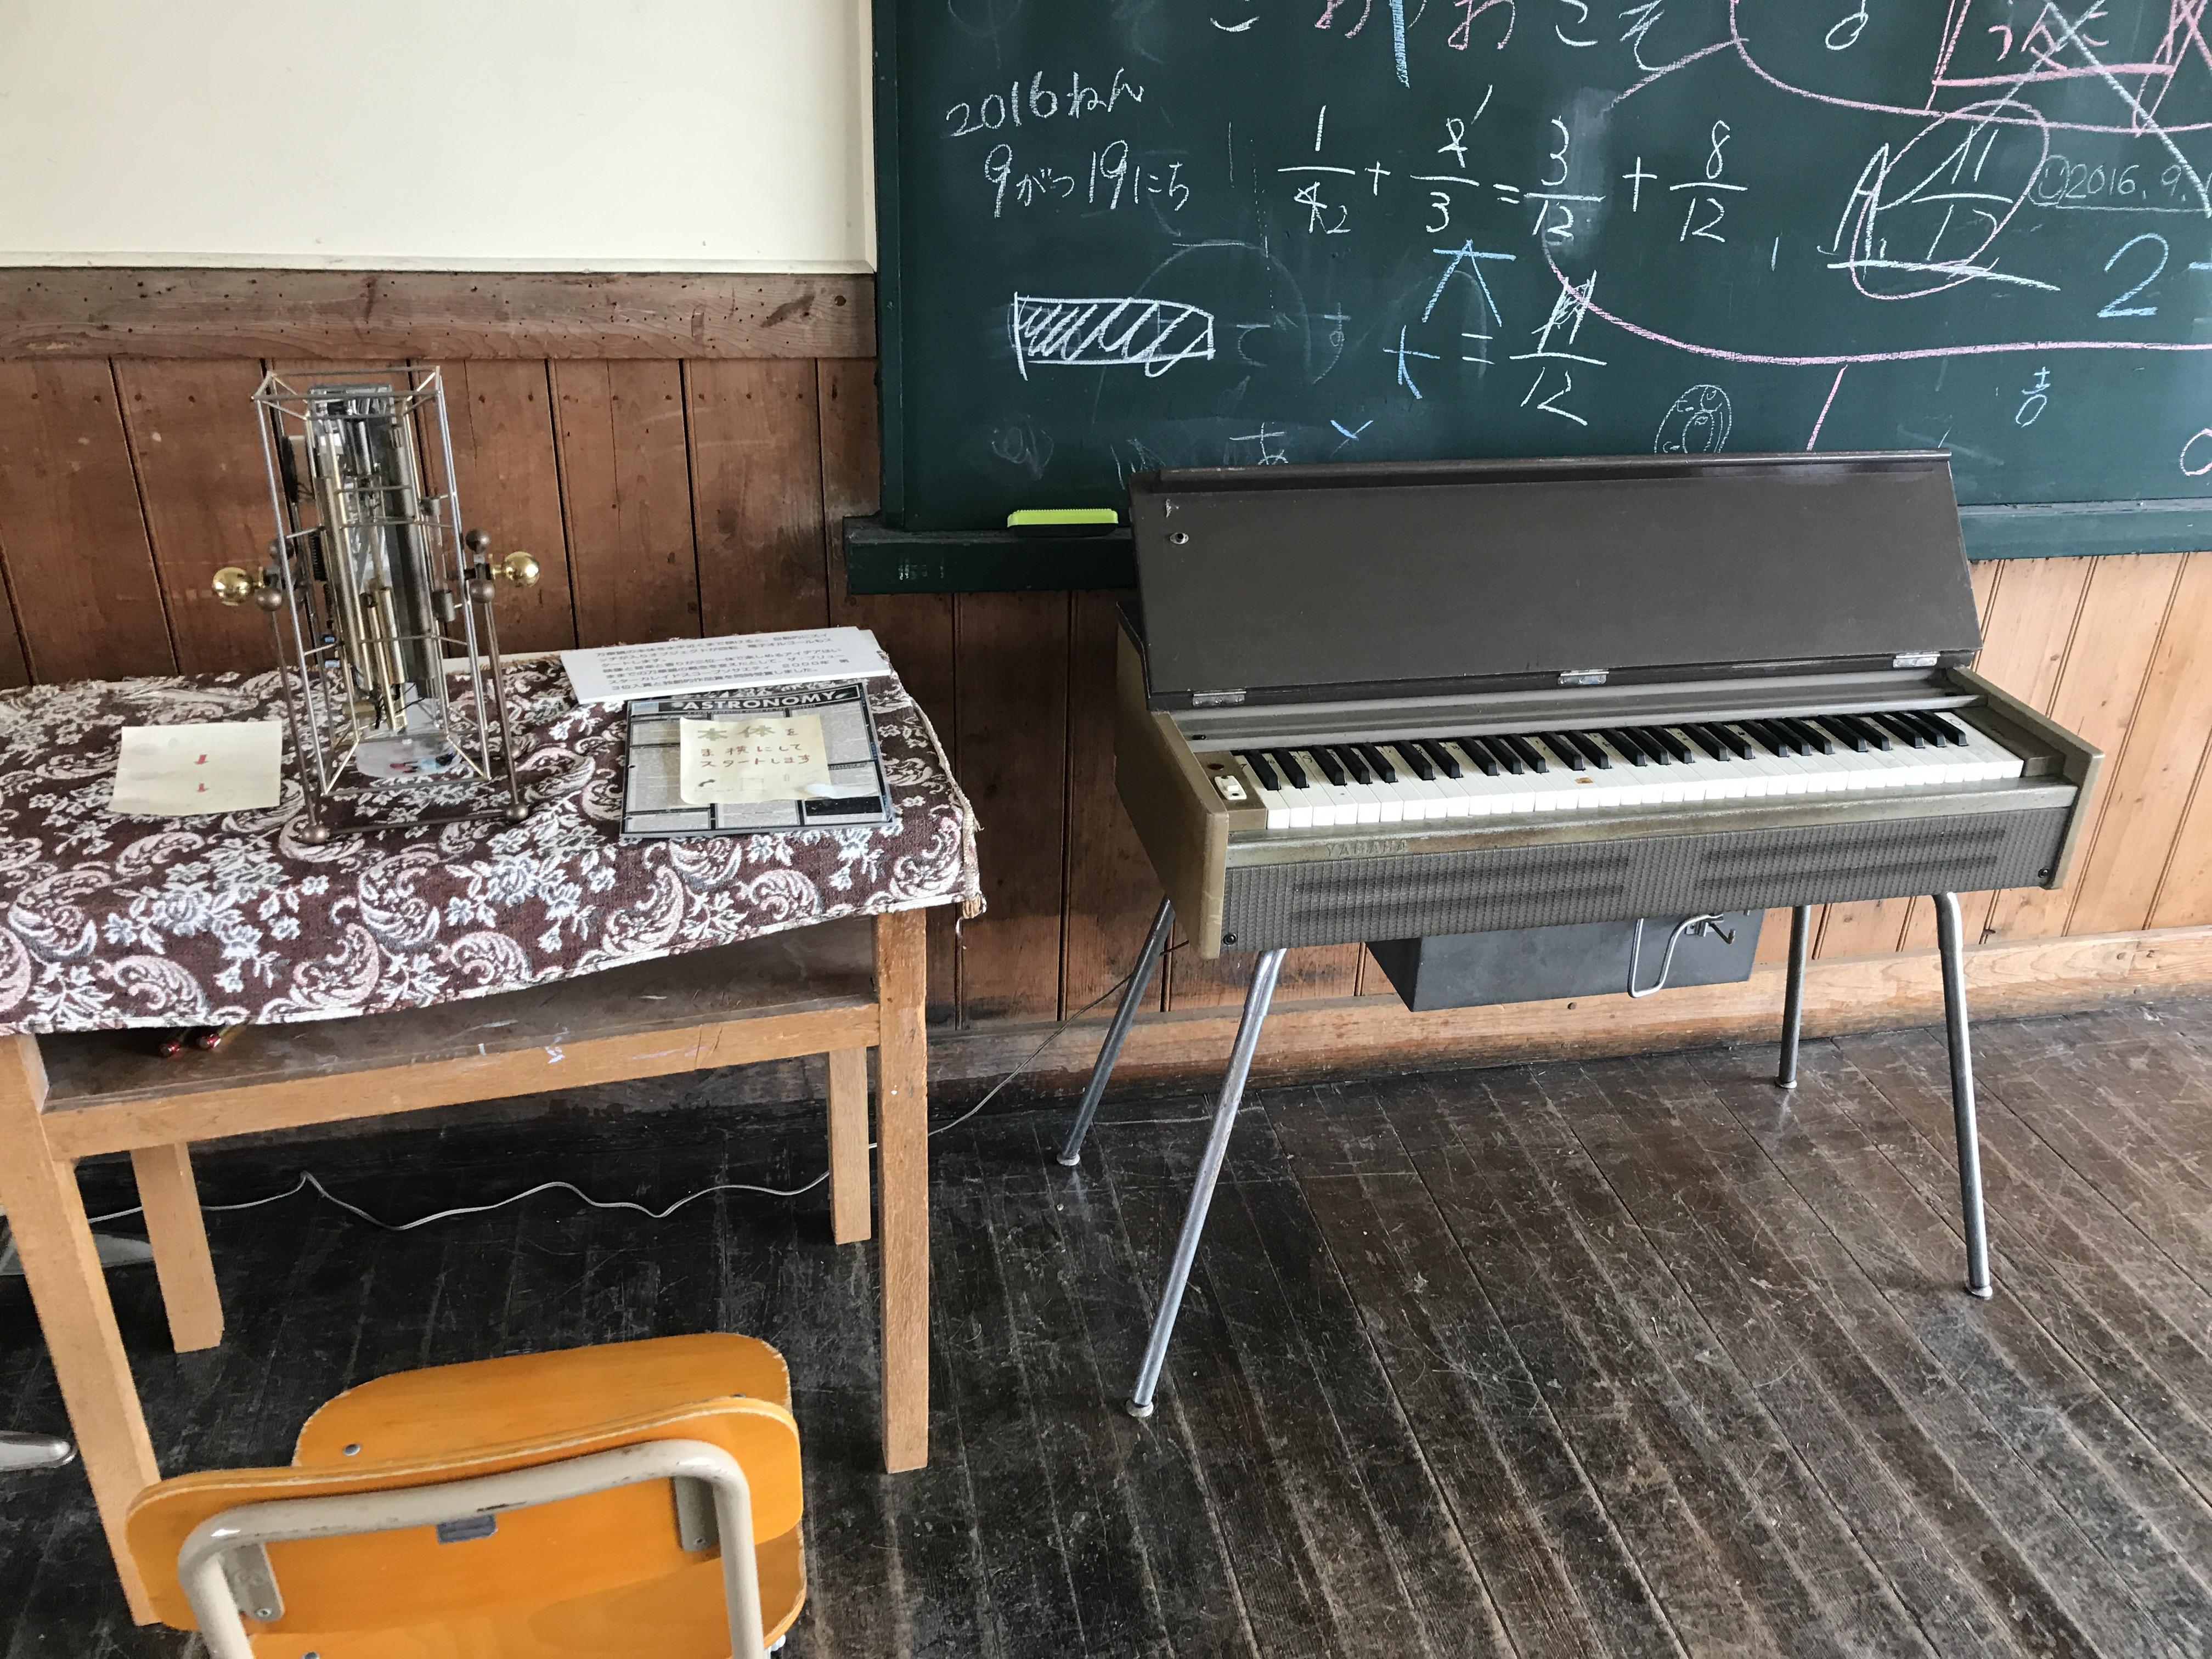 北海道・富良野の万華鏡ミュージアム「ふらび」は、小学校の廃校を利用した、趣のある万華鏡の世界!